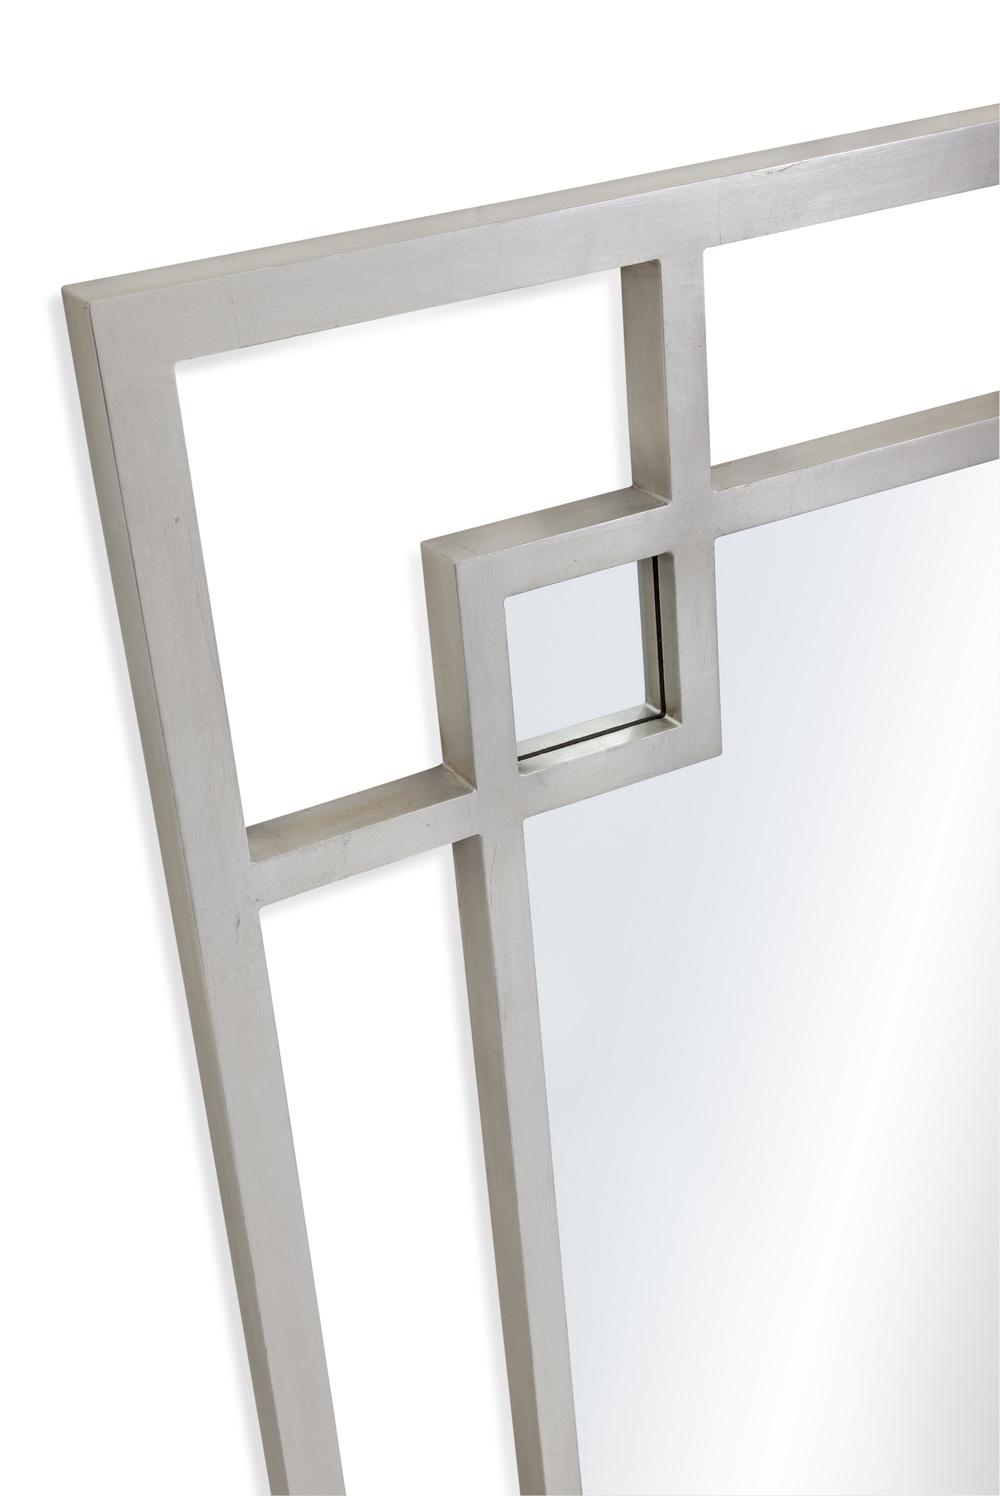 Bassett Mirror Company - Amos Wall Mirror